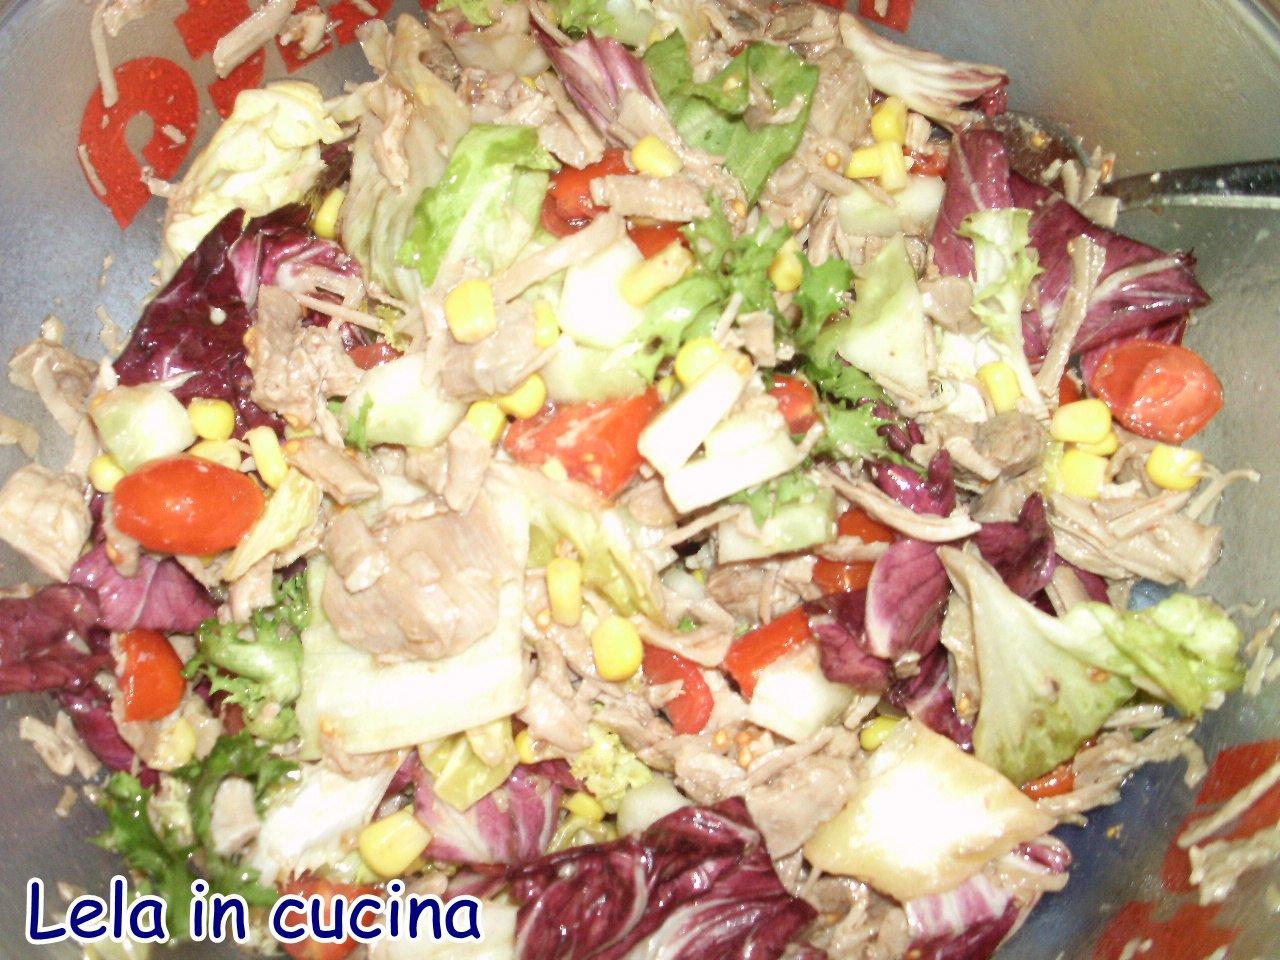 Lela in cucina tutti possono cucinare insalata di carne for Cucinare cetrioli